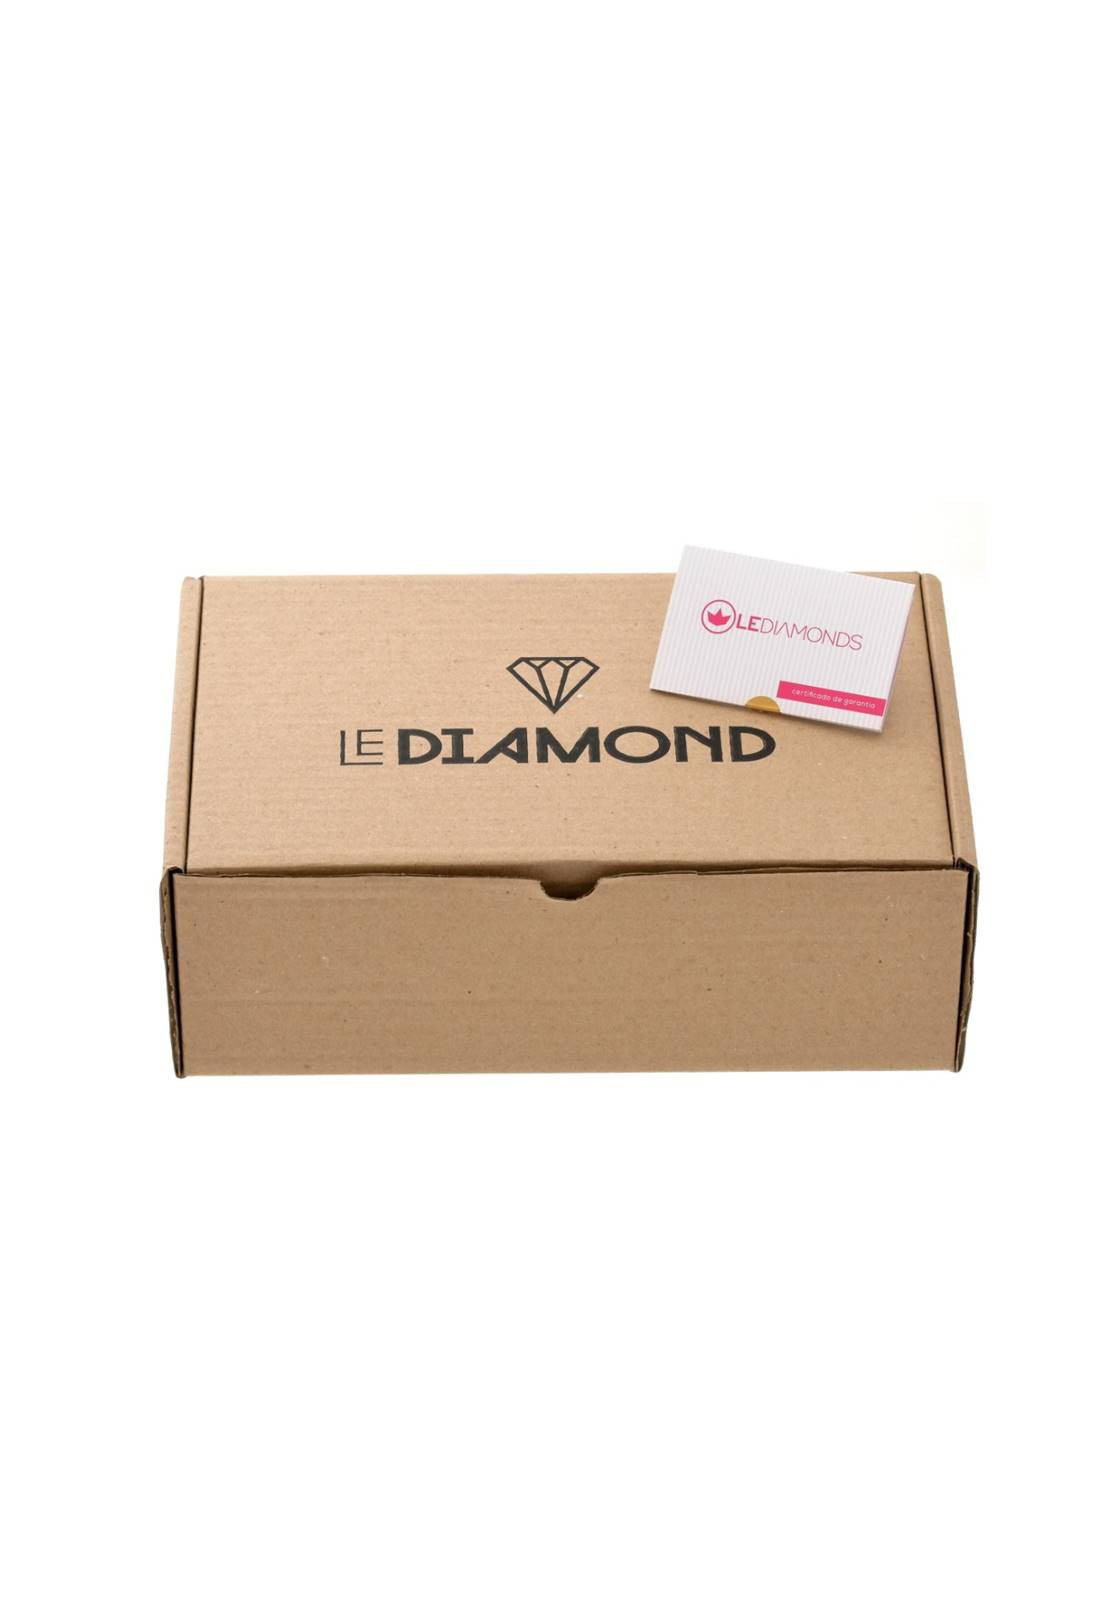 Brinco Le Diamond Coração Pérola Dourado